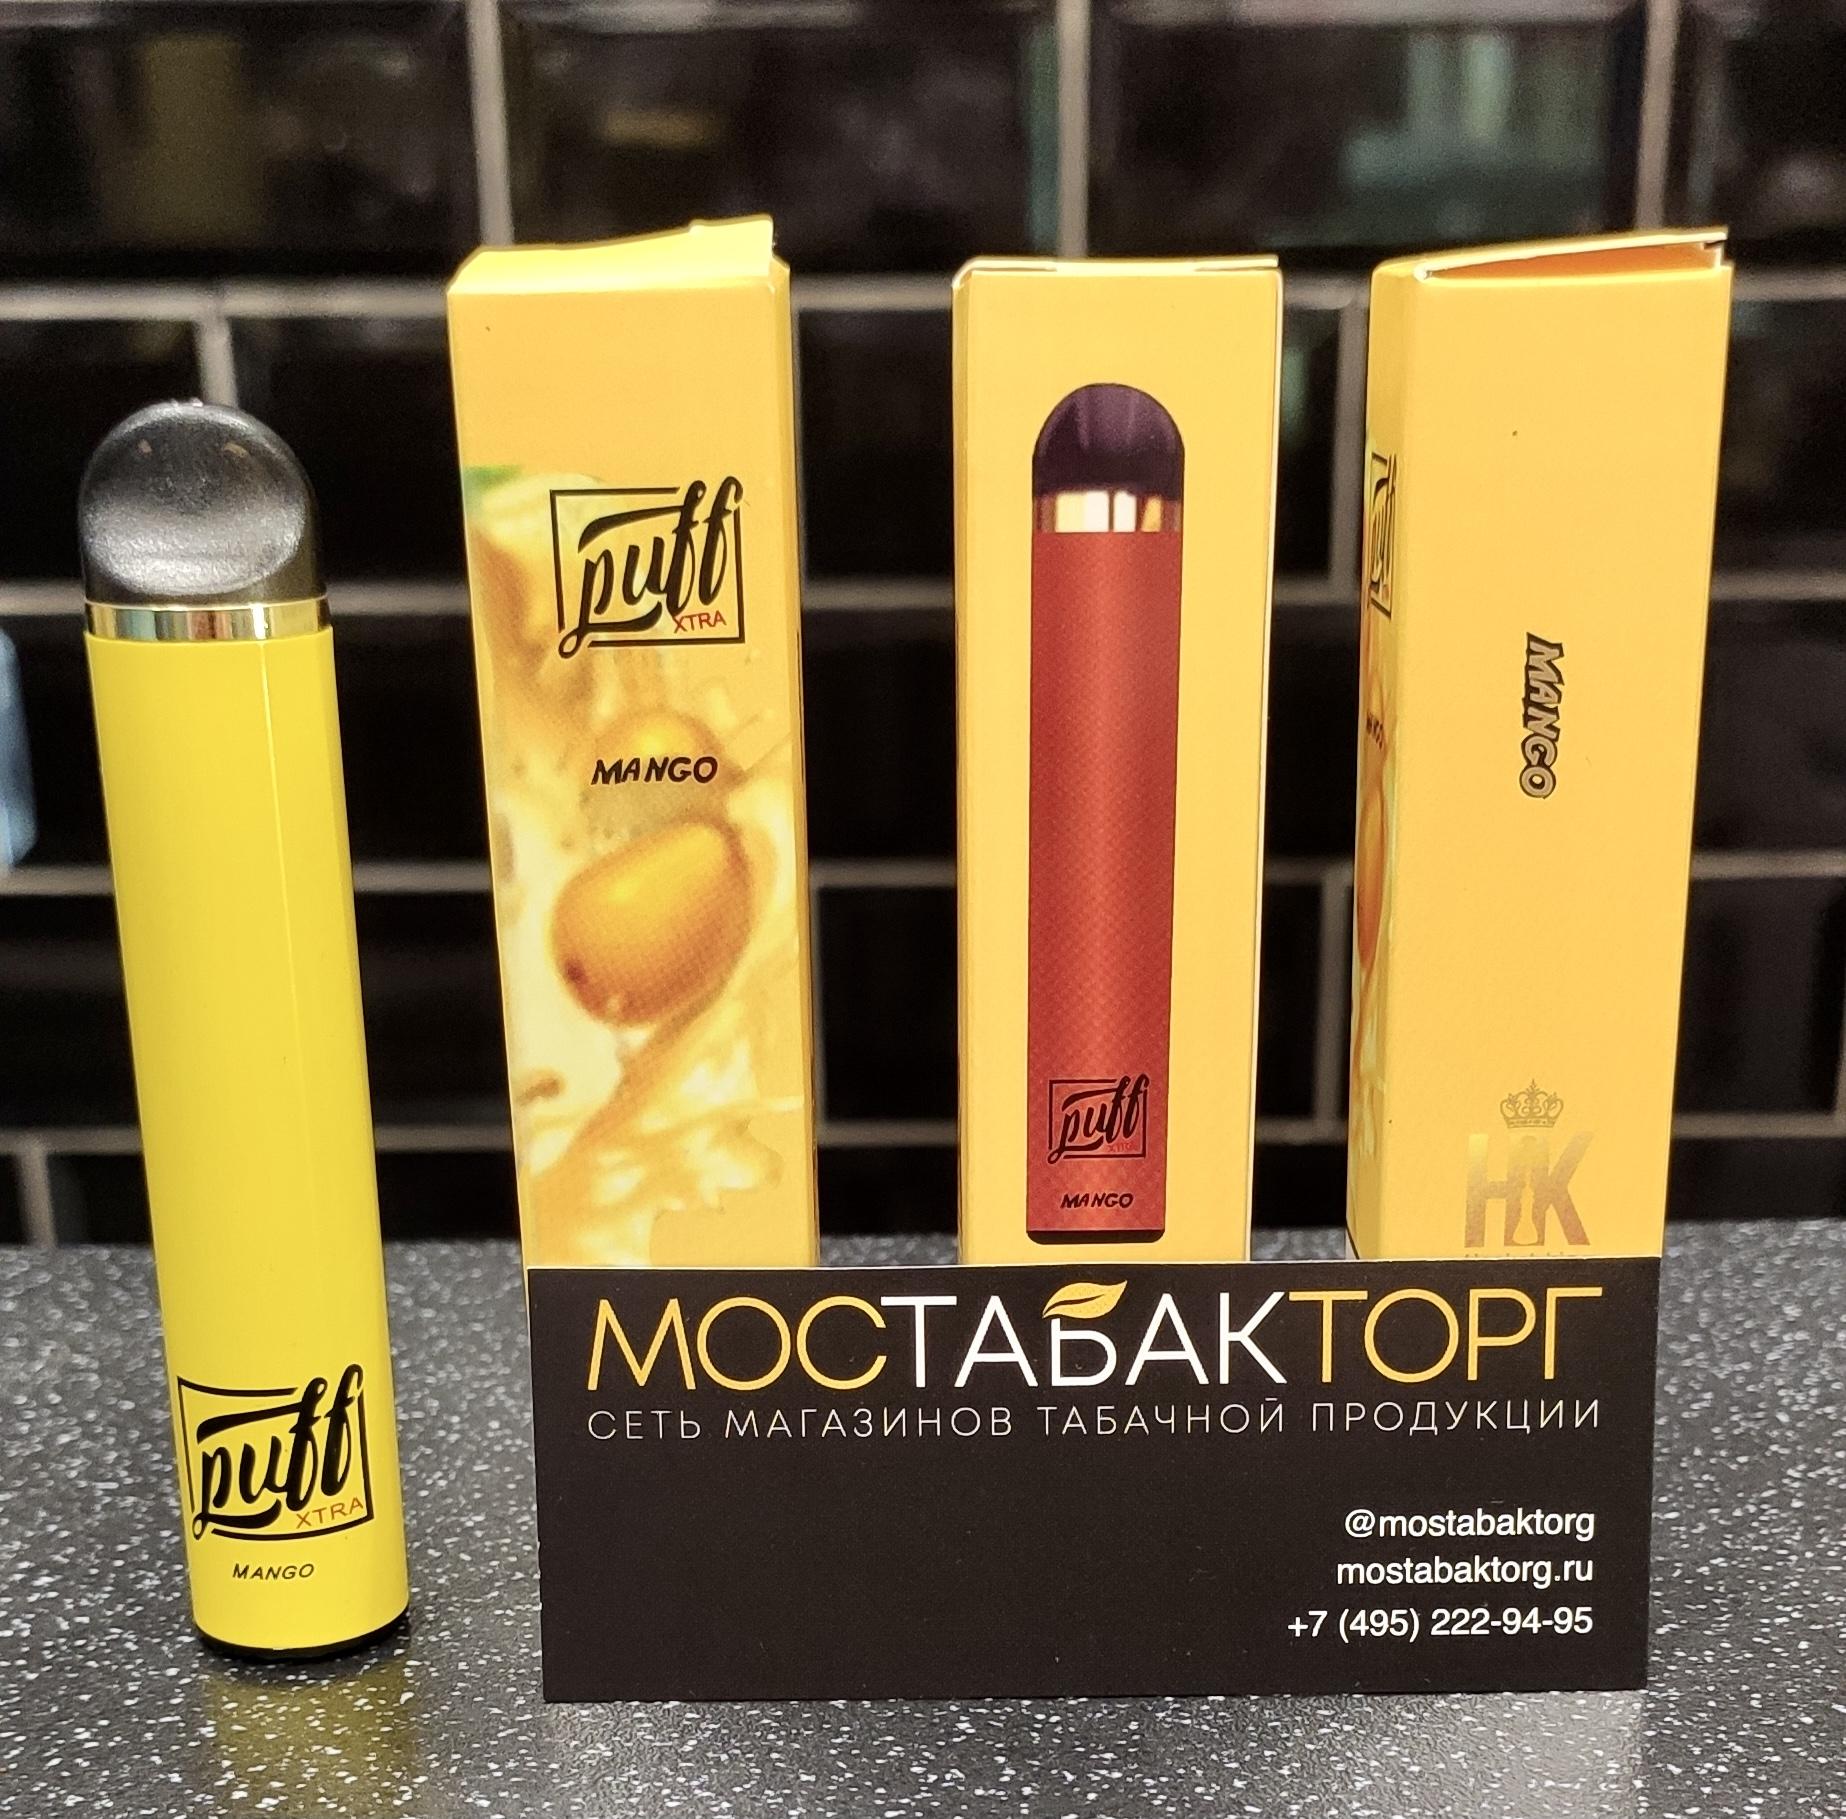 Купить одноразовую сигарету в москве дешево купить сигареты с цветным дымом